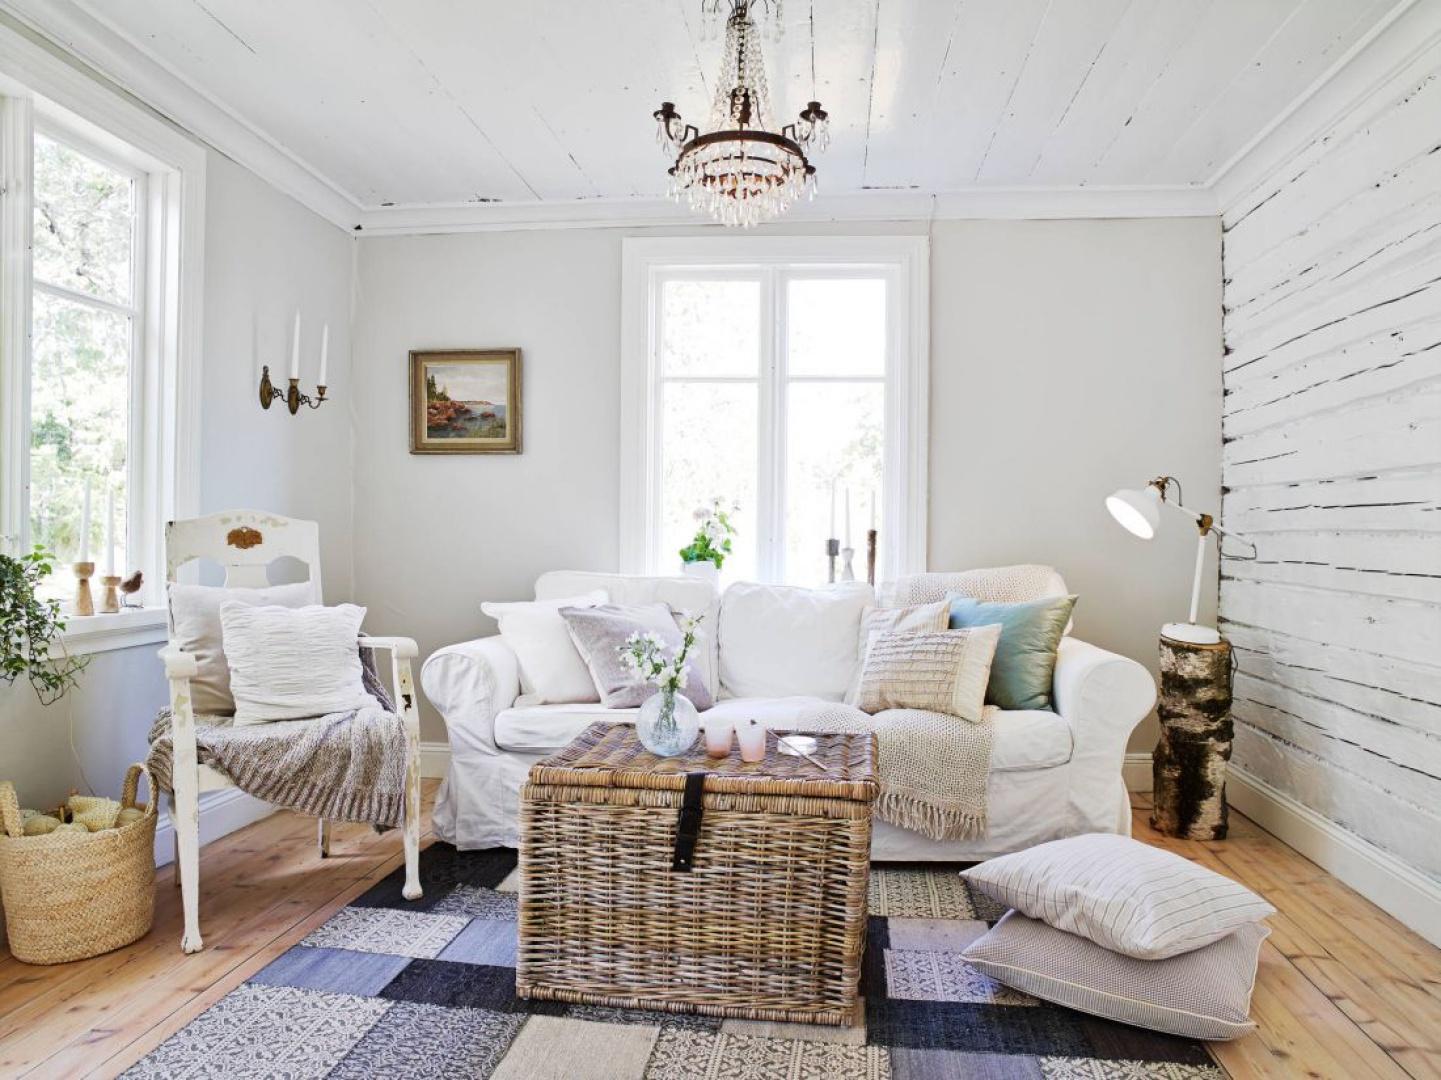 Urokliwy salon urządzono z naciskiem na rustykalny charakter wnętrza. Kreatywnie potraktowano meble: podstawkę pod nocną lampkę wykonano z drewnianego pieńka, a funkcję stolika pełni wiklinowy kufer. Fot. Stadshem.